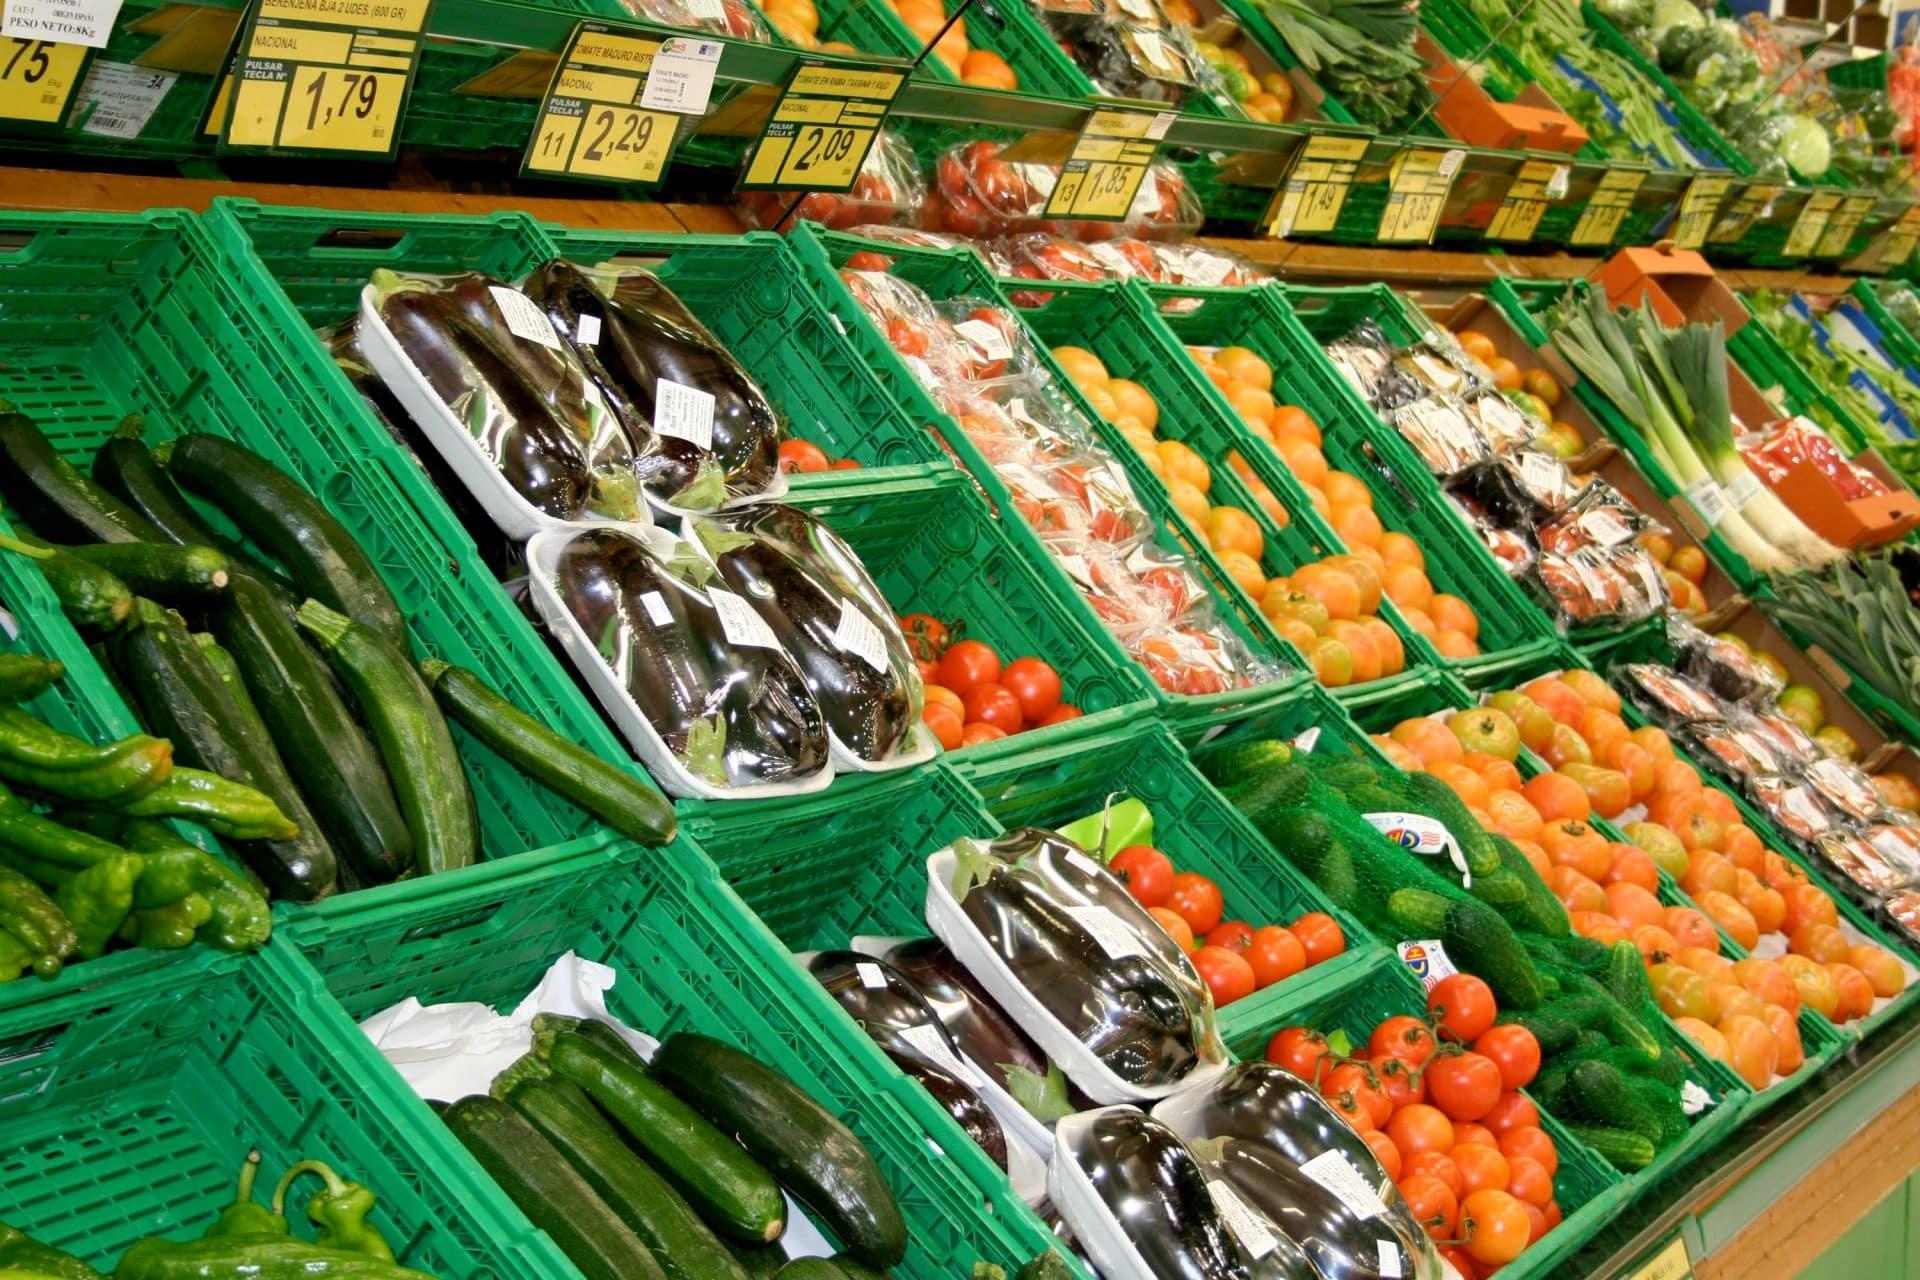 mercado feira